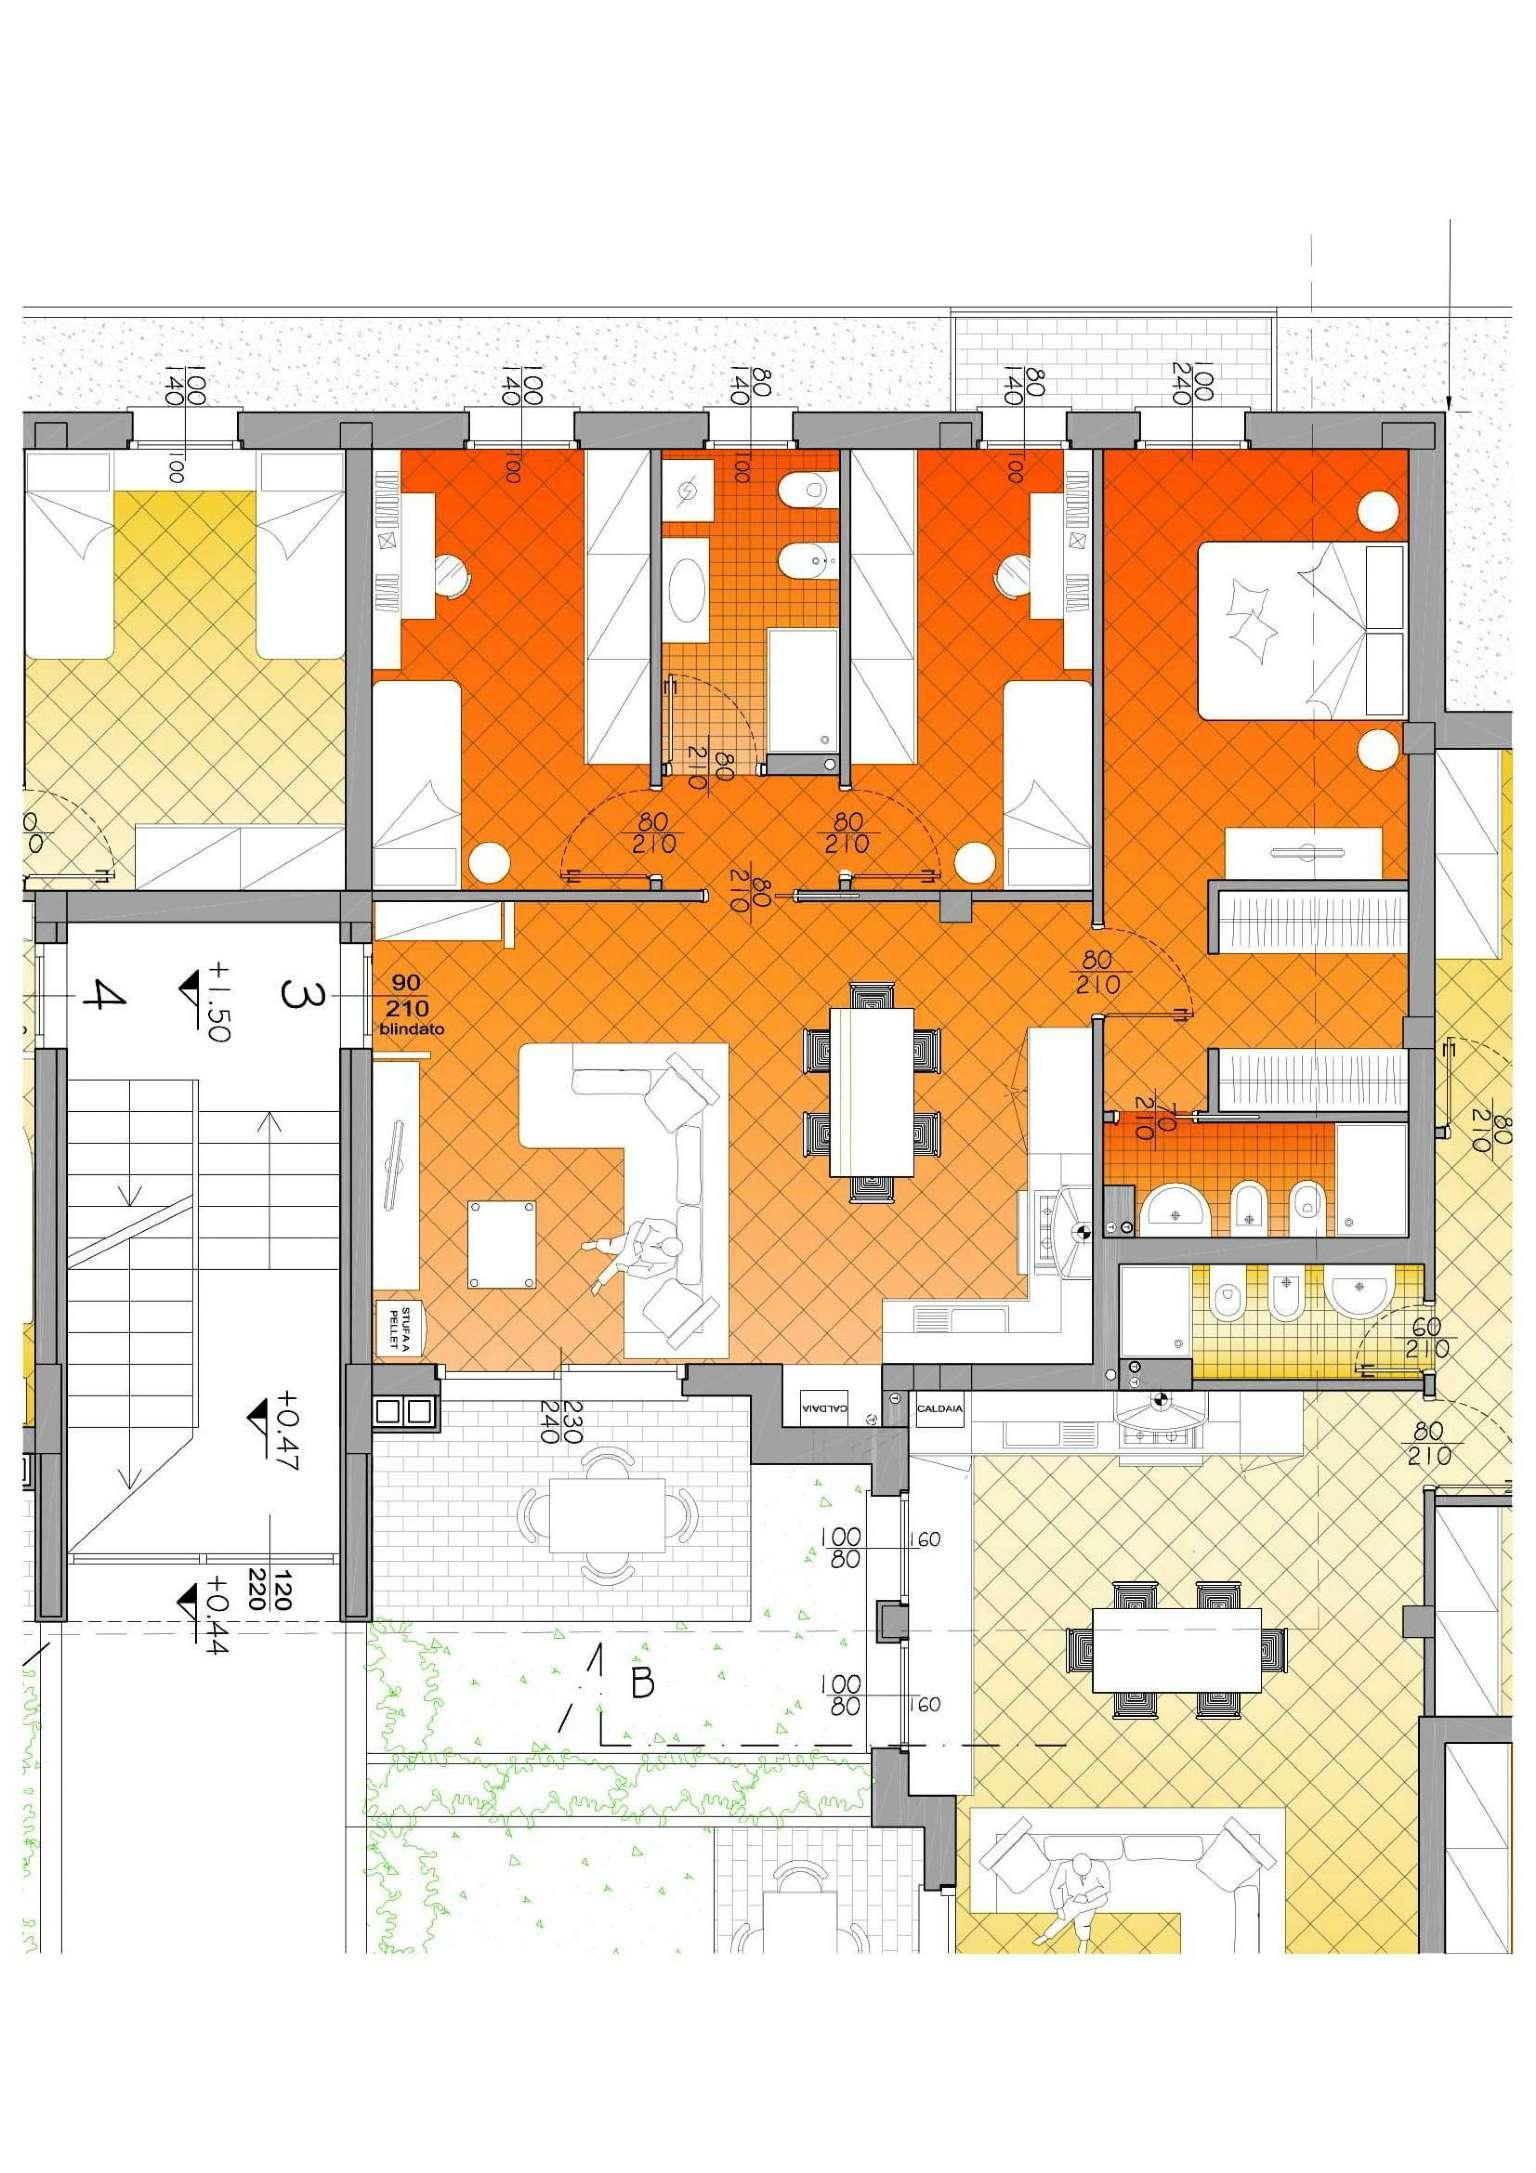 Appartamento in vendita a Edolo, 6 locali, prezzo € 150.000 | CambioCasa.it